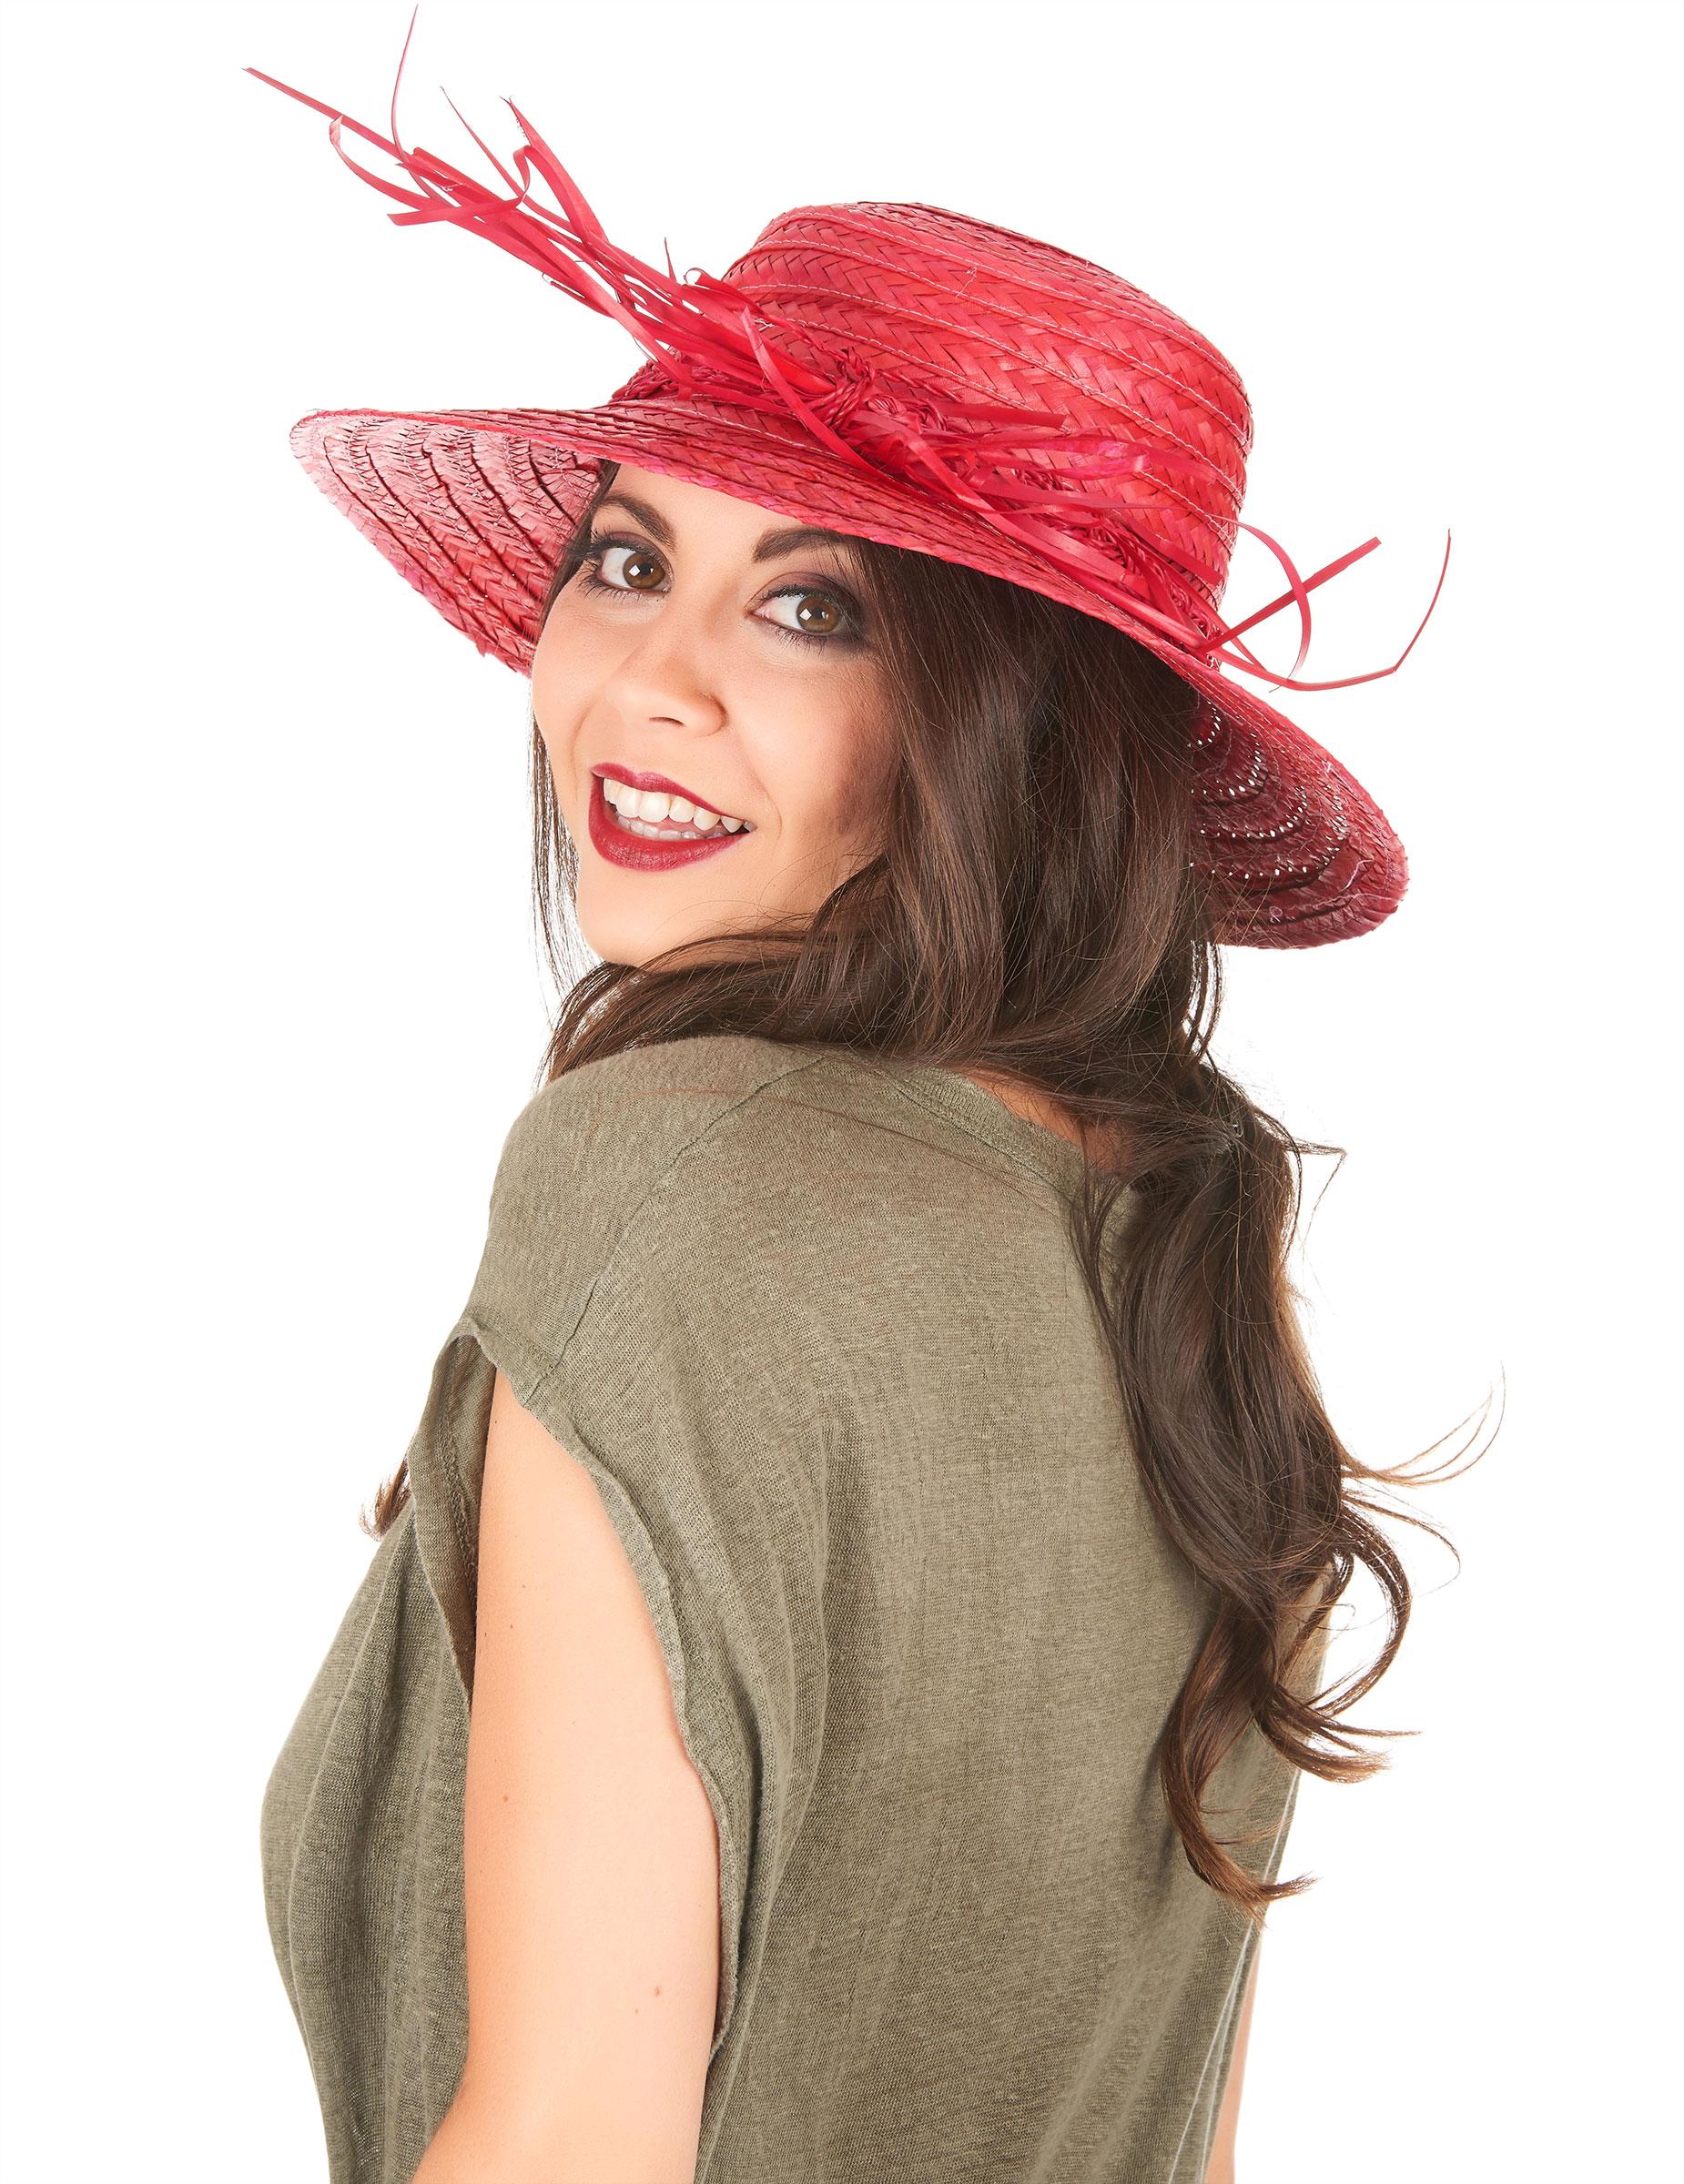 Cappello di paglia vintage rosso  Cappelli a7aa8f7a5f19